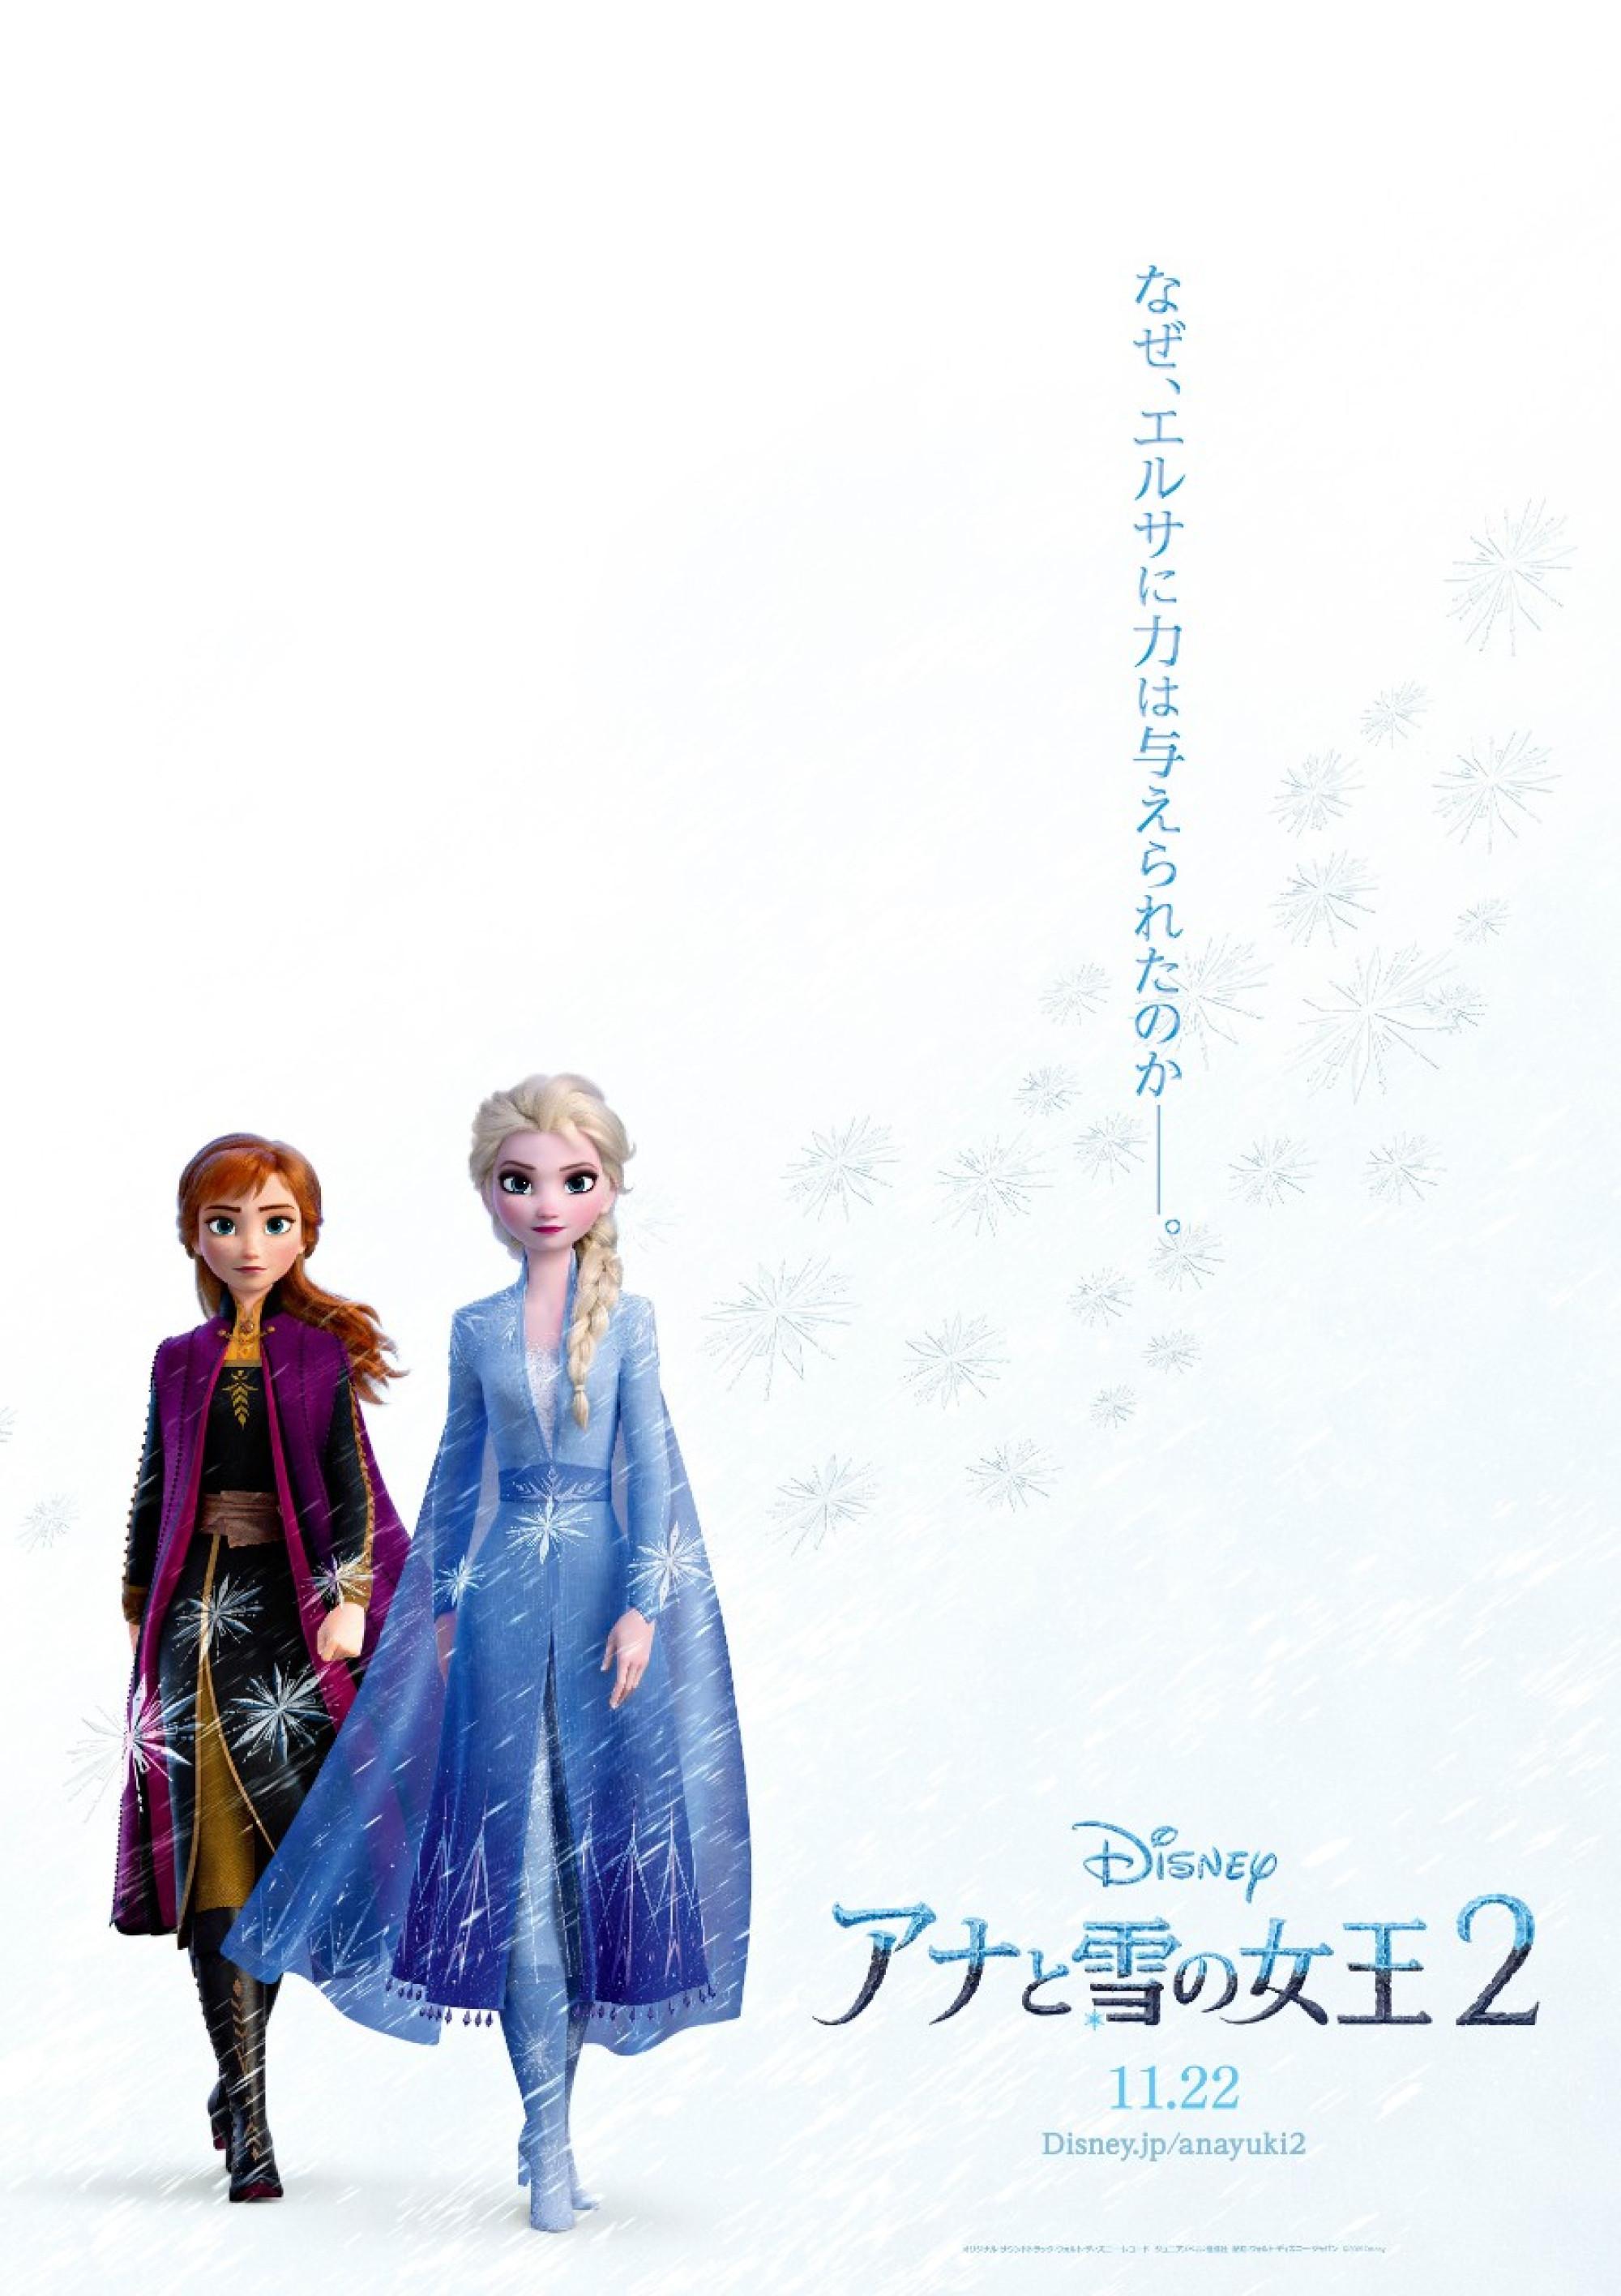 「アナと雪の女王2」日本版ポスター